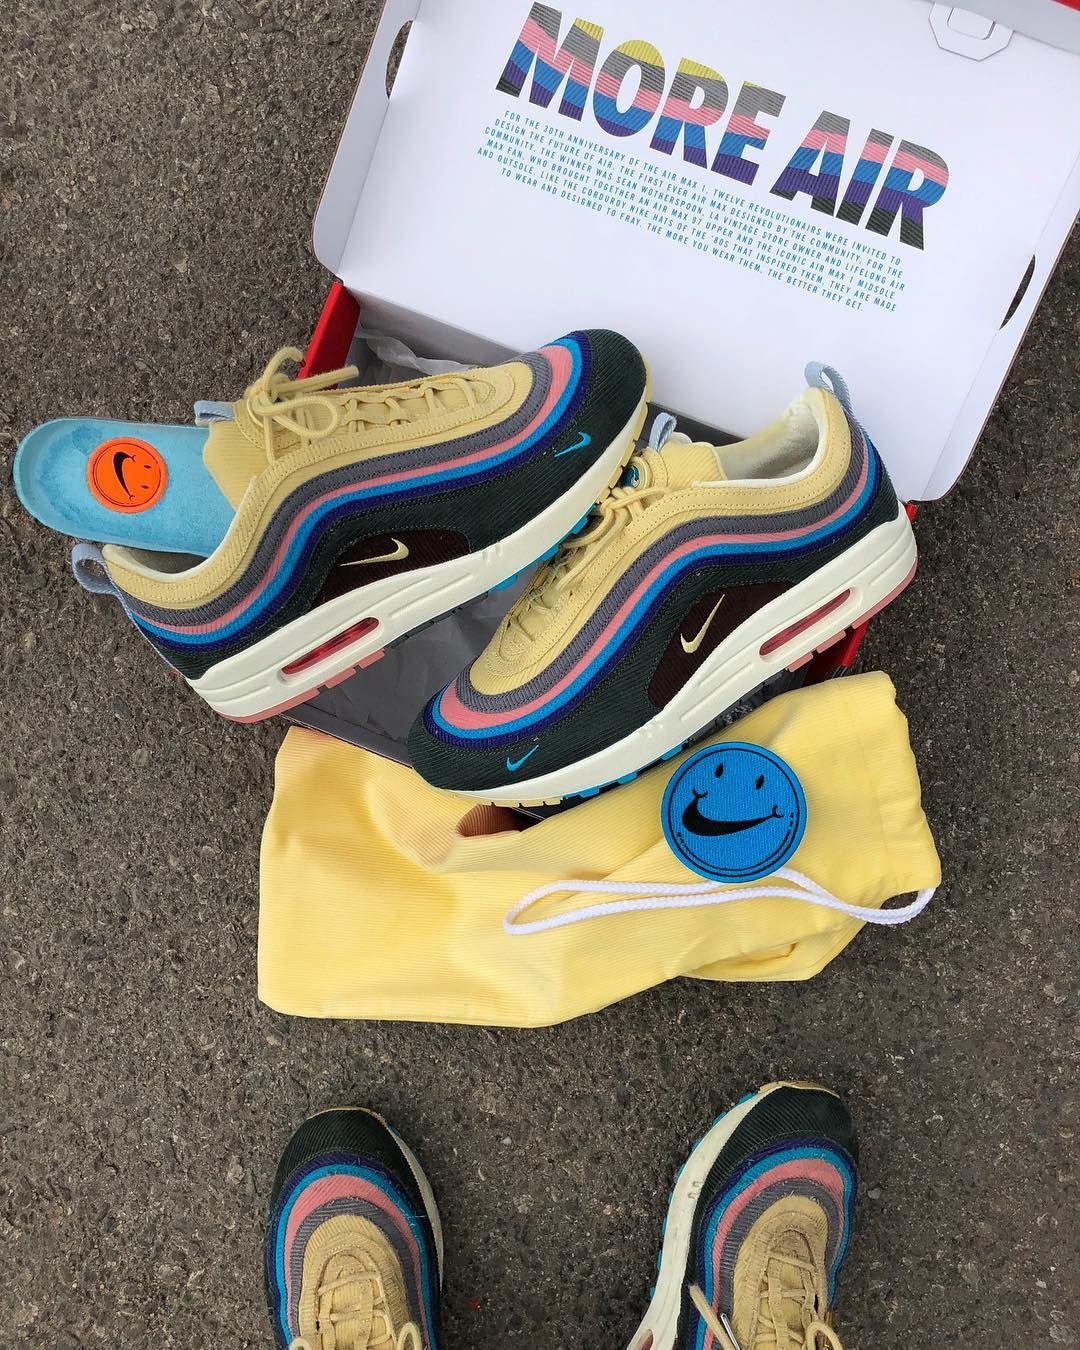 Nike bringt neue Sneakers aus Kord raus - und wir müssen sie haben! #shoegame